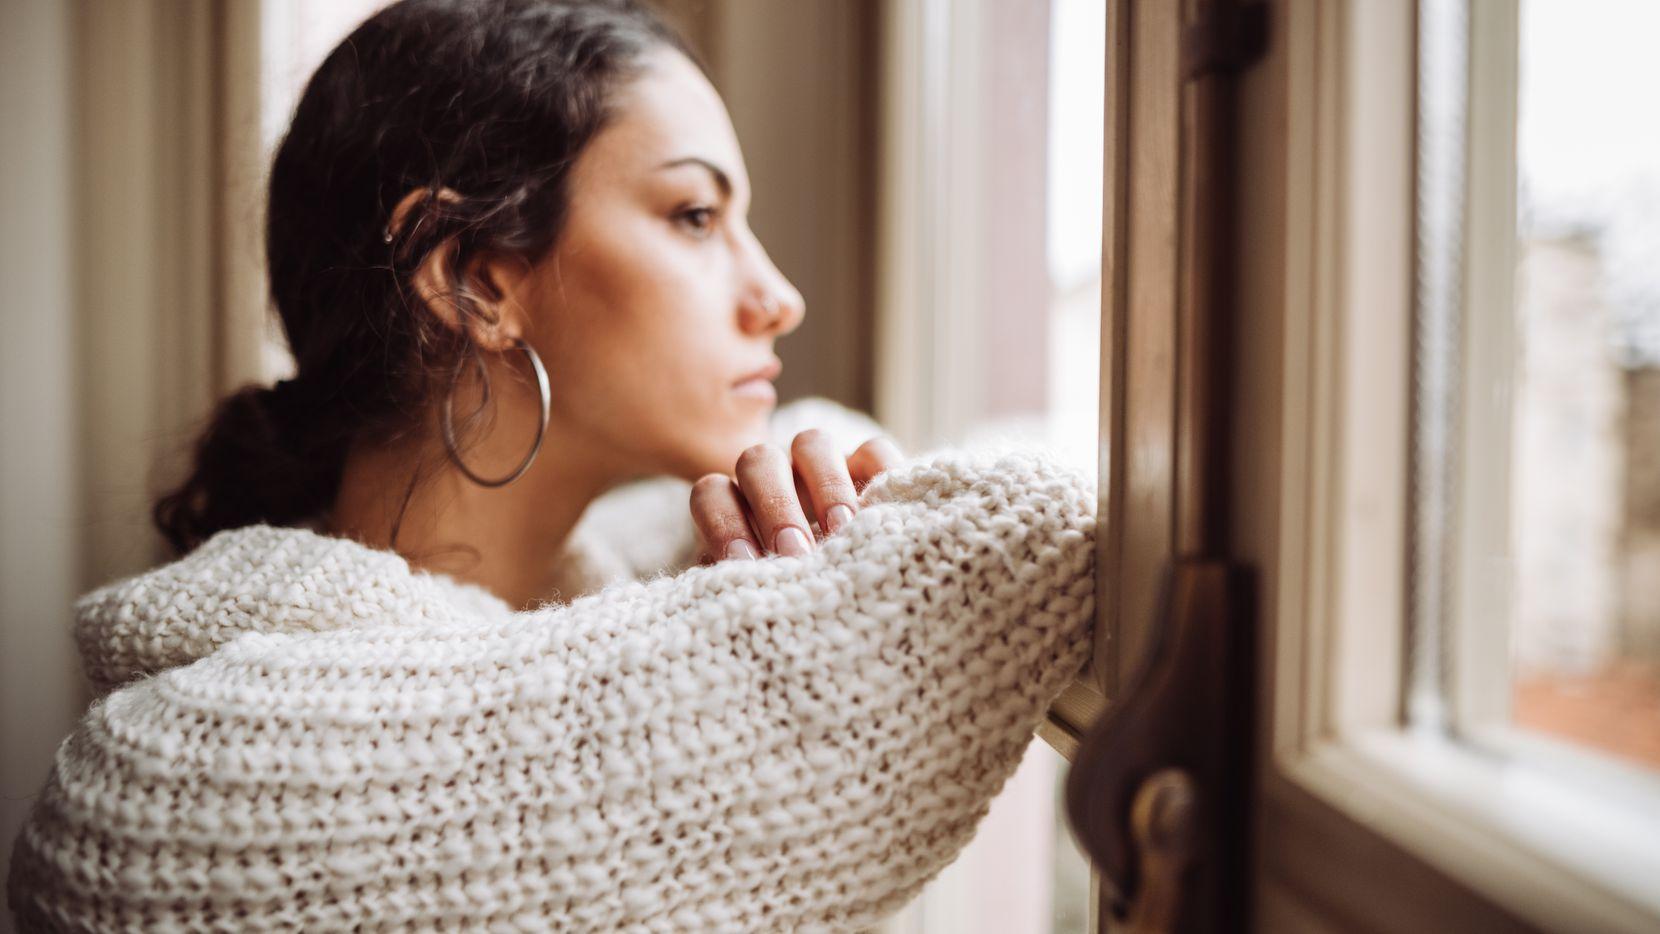 El aislamiento por el coronavirus puede causar estrés especialmente para las personas que viven solas.